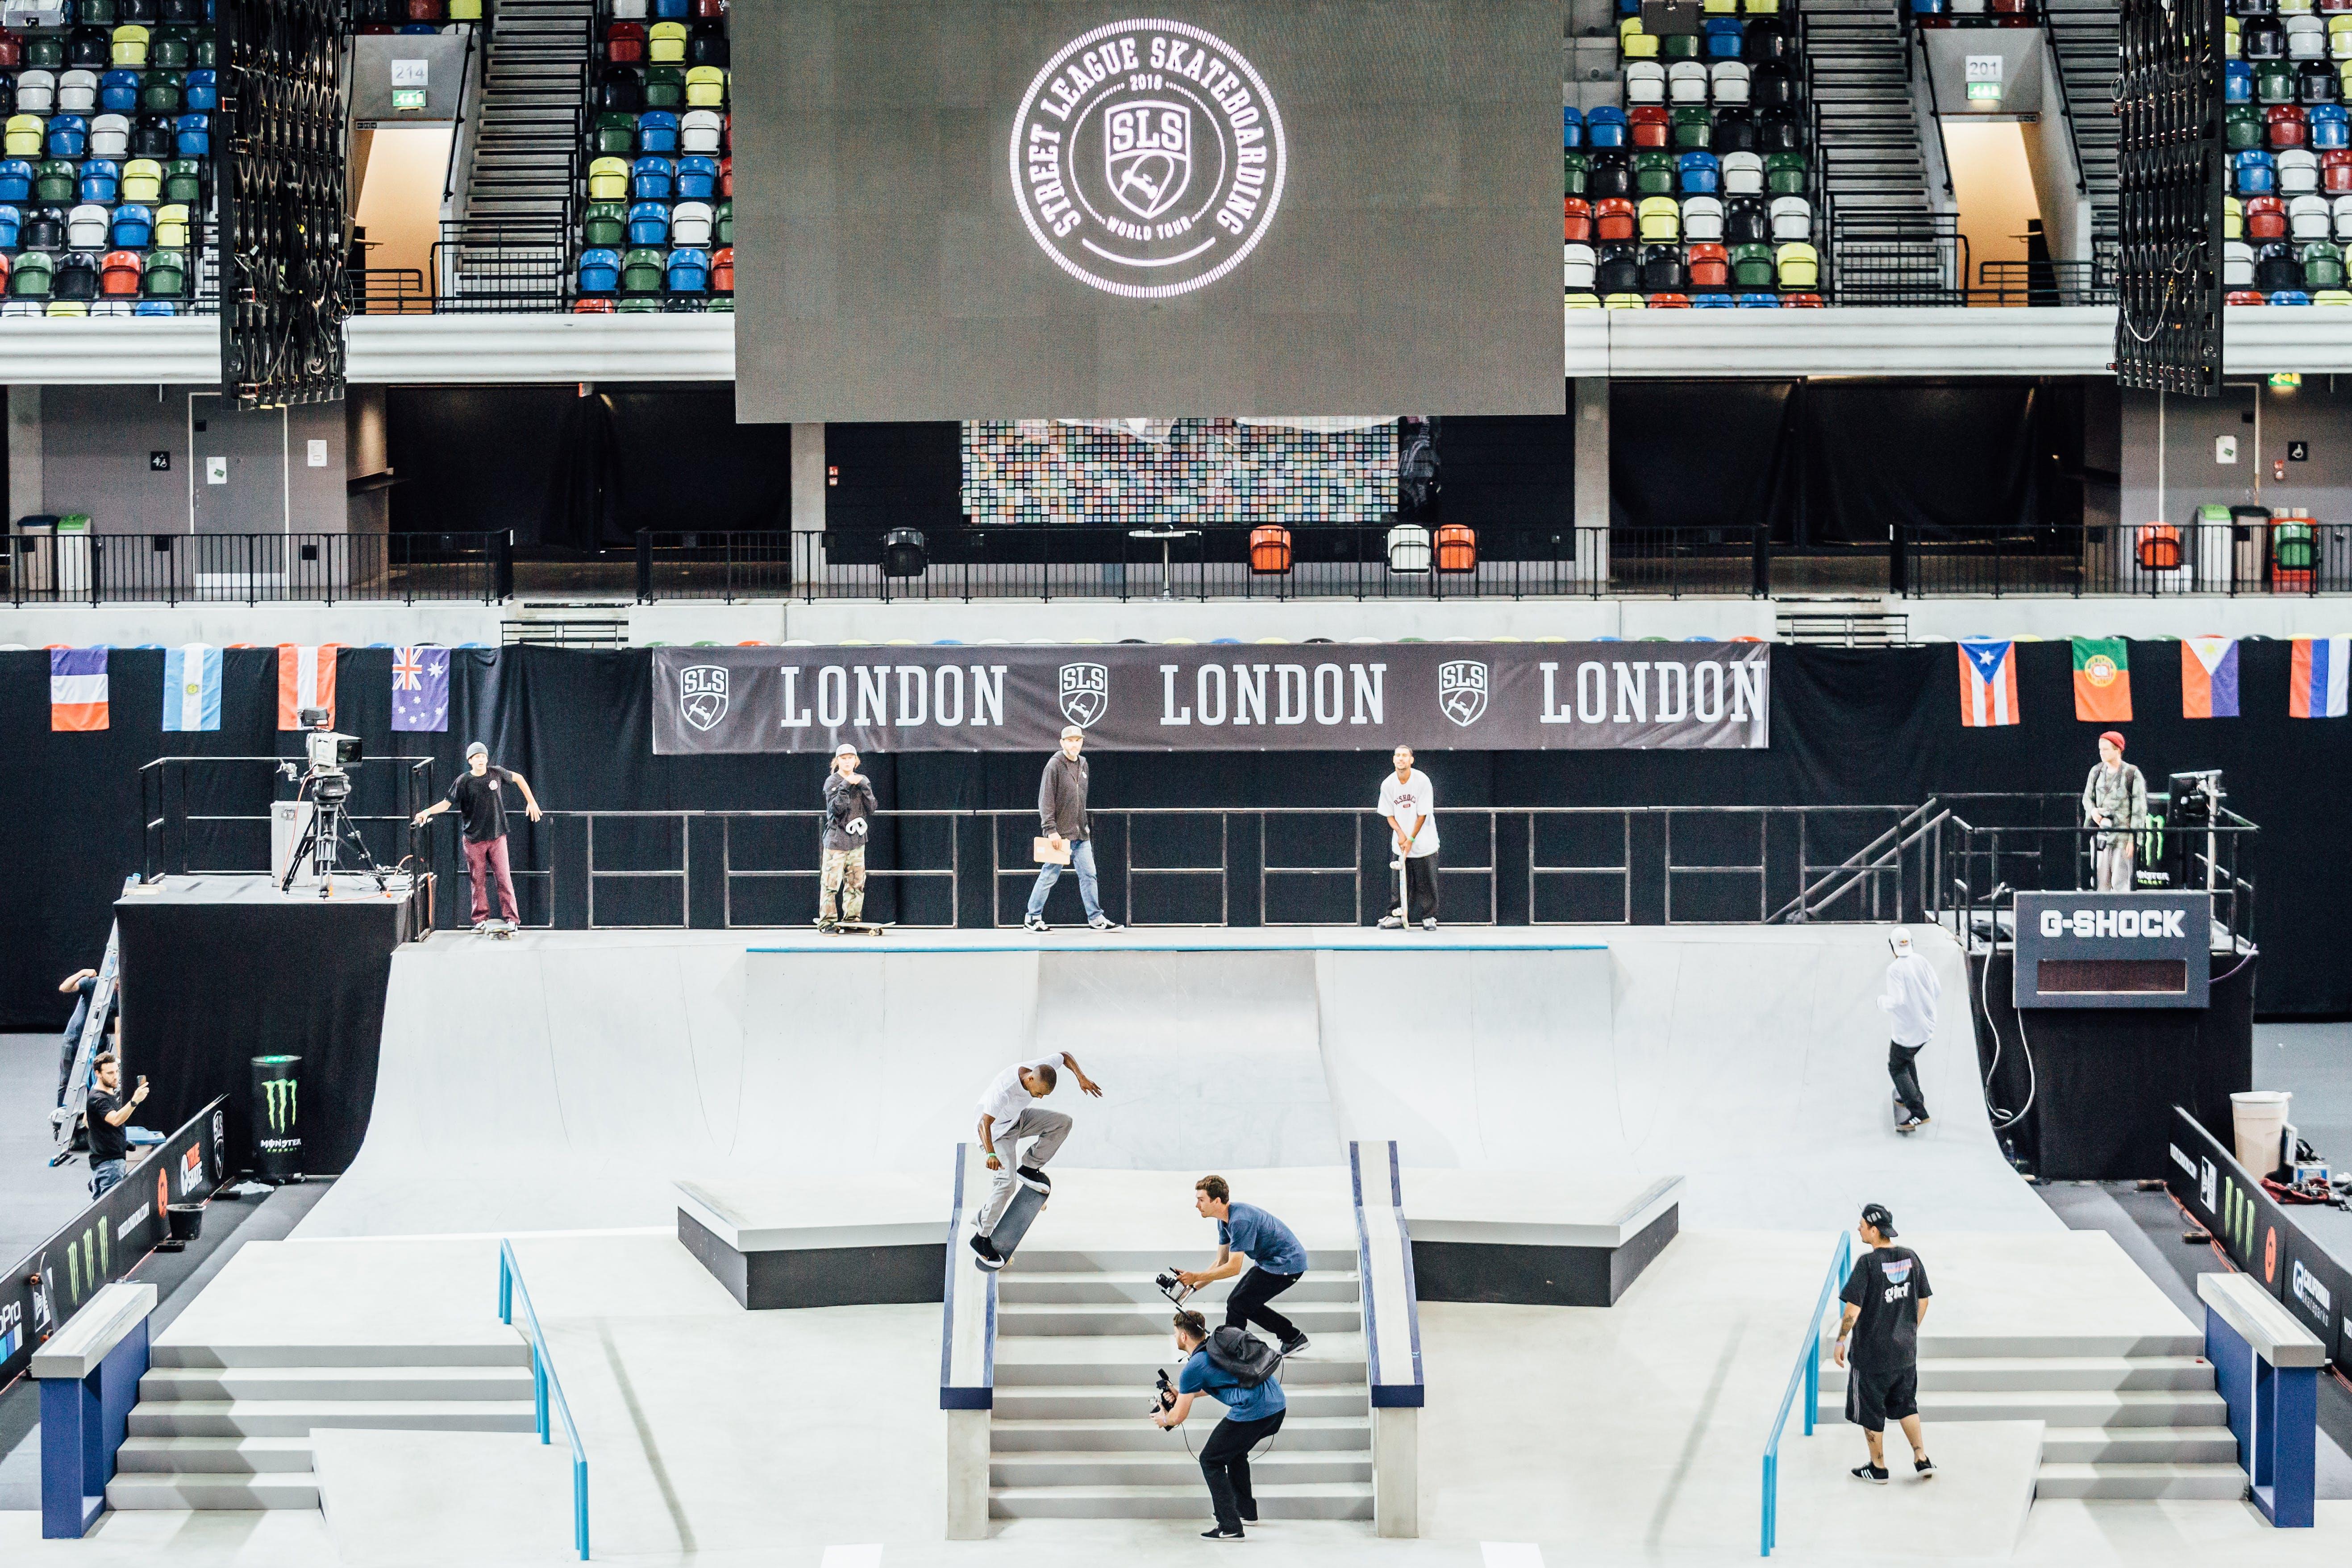 Tommy Fynn KickFlip Krooked grinds SLS London